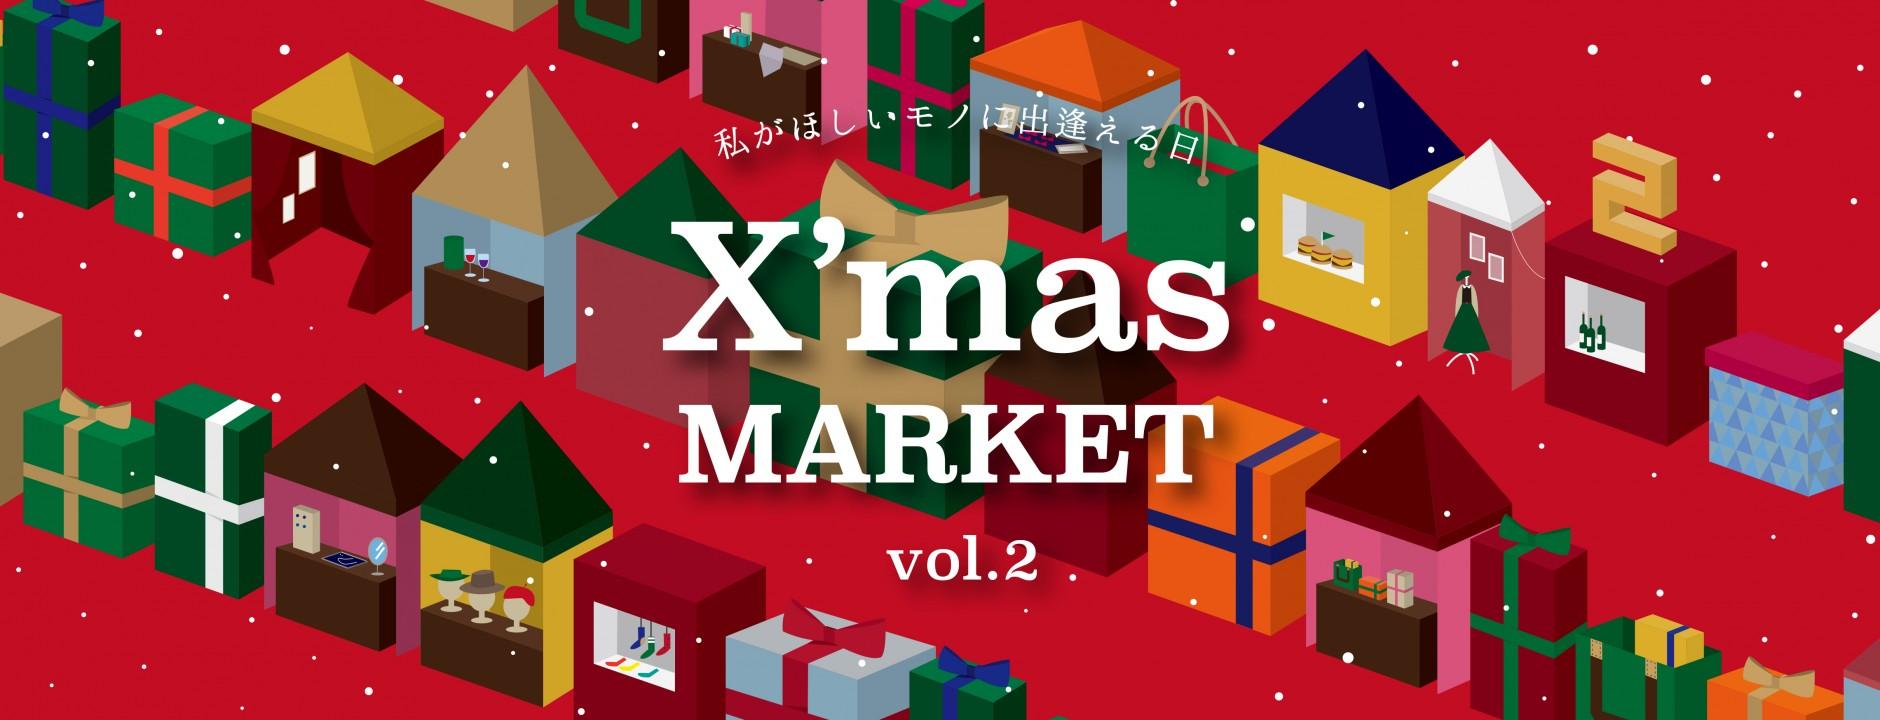 12/7(土) X'mas MARKET vol.2